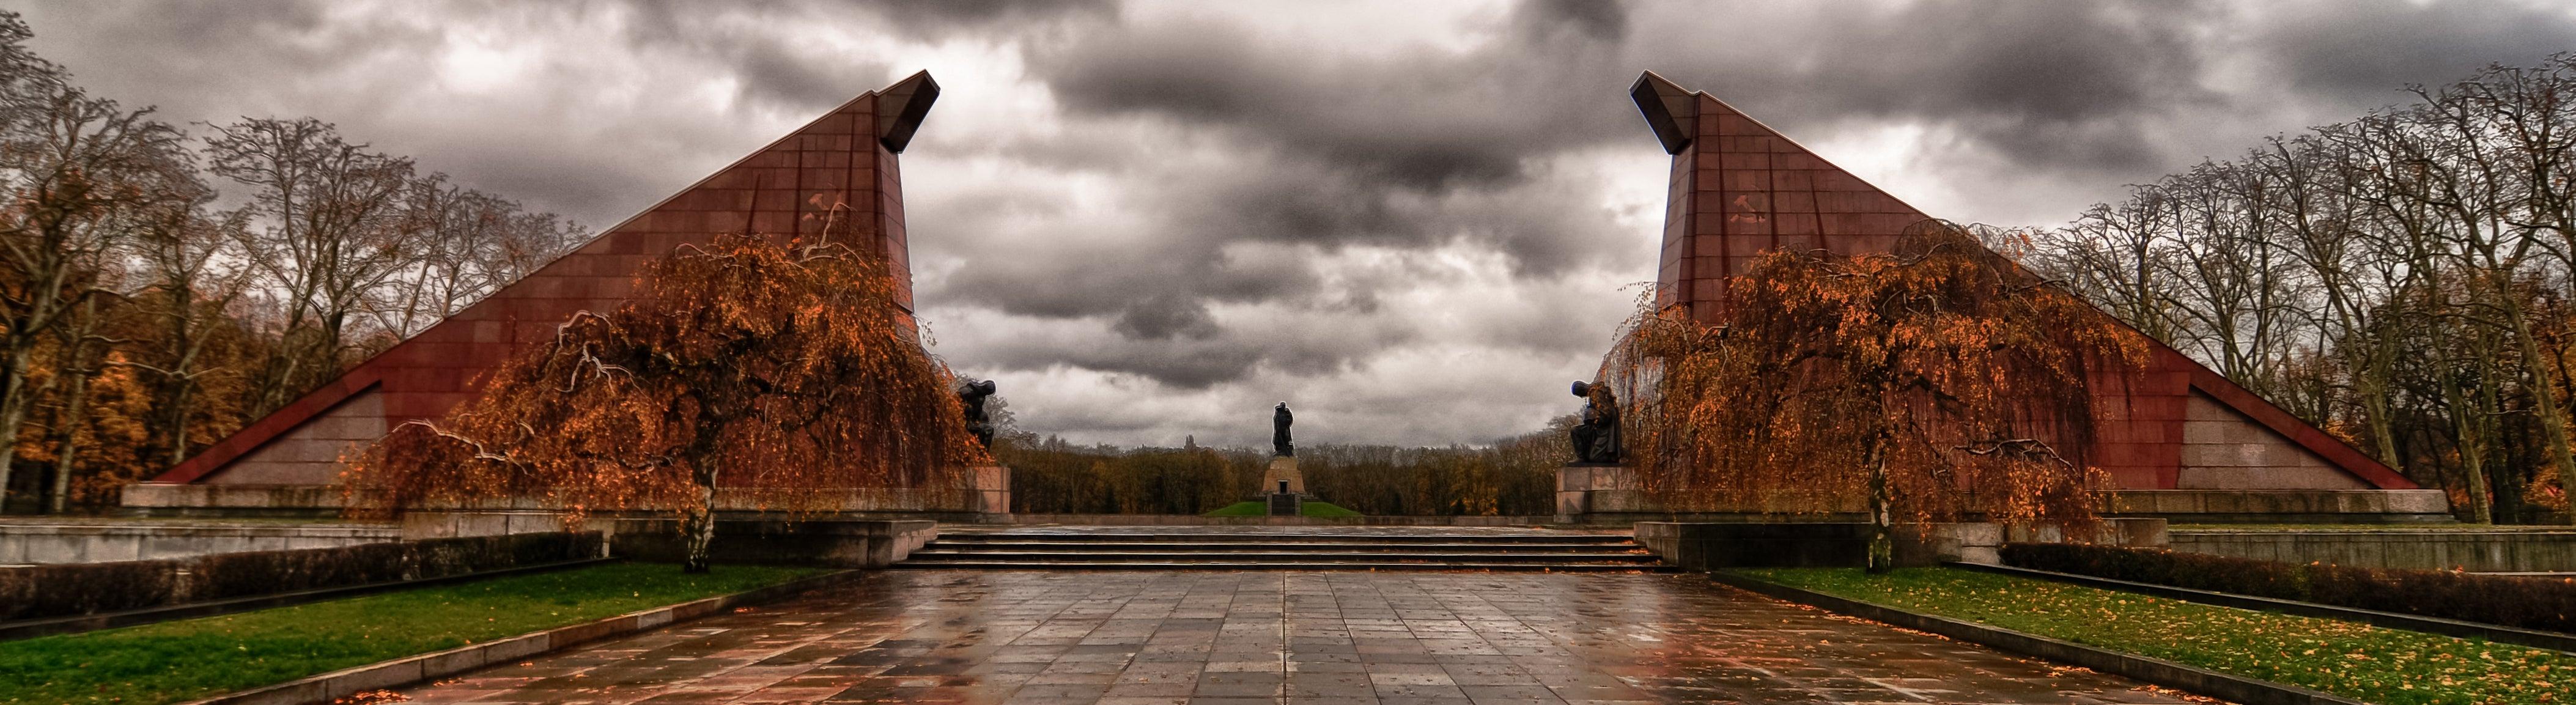 E2 Germany - 1583@101106 - Berlin - Soviet War Memorial (Treptower Park)_HDR (1)